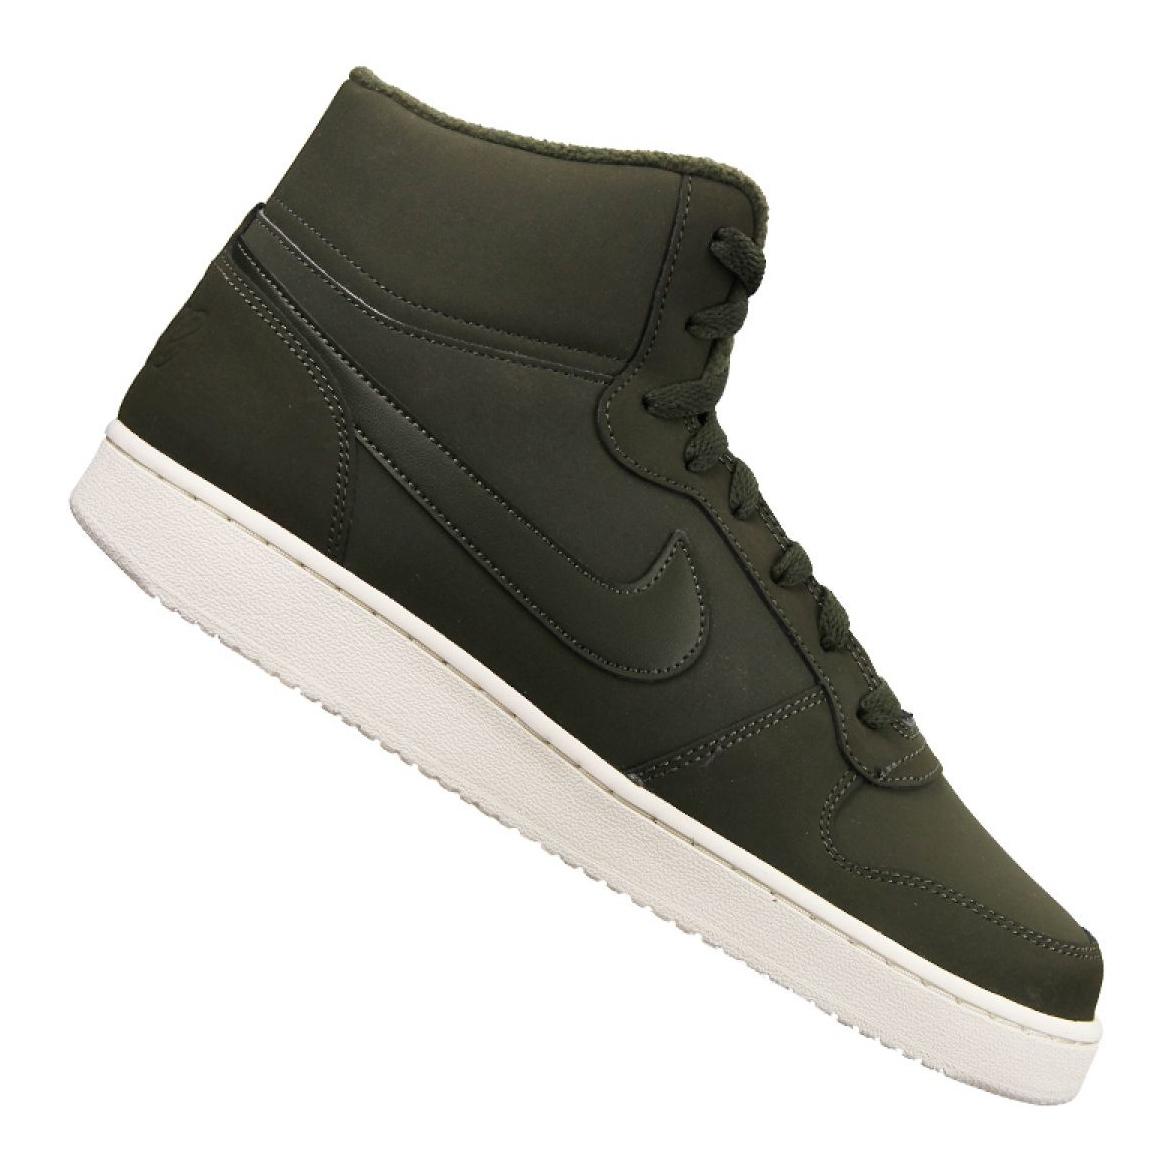 Nike Ebernon Mid Se M AQ8125-300 shoes